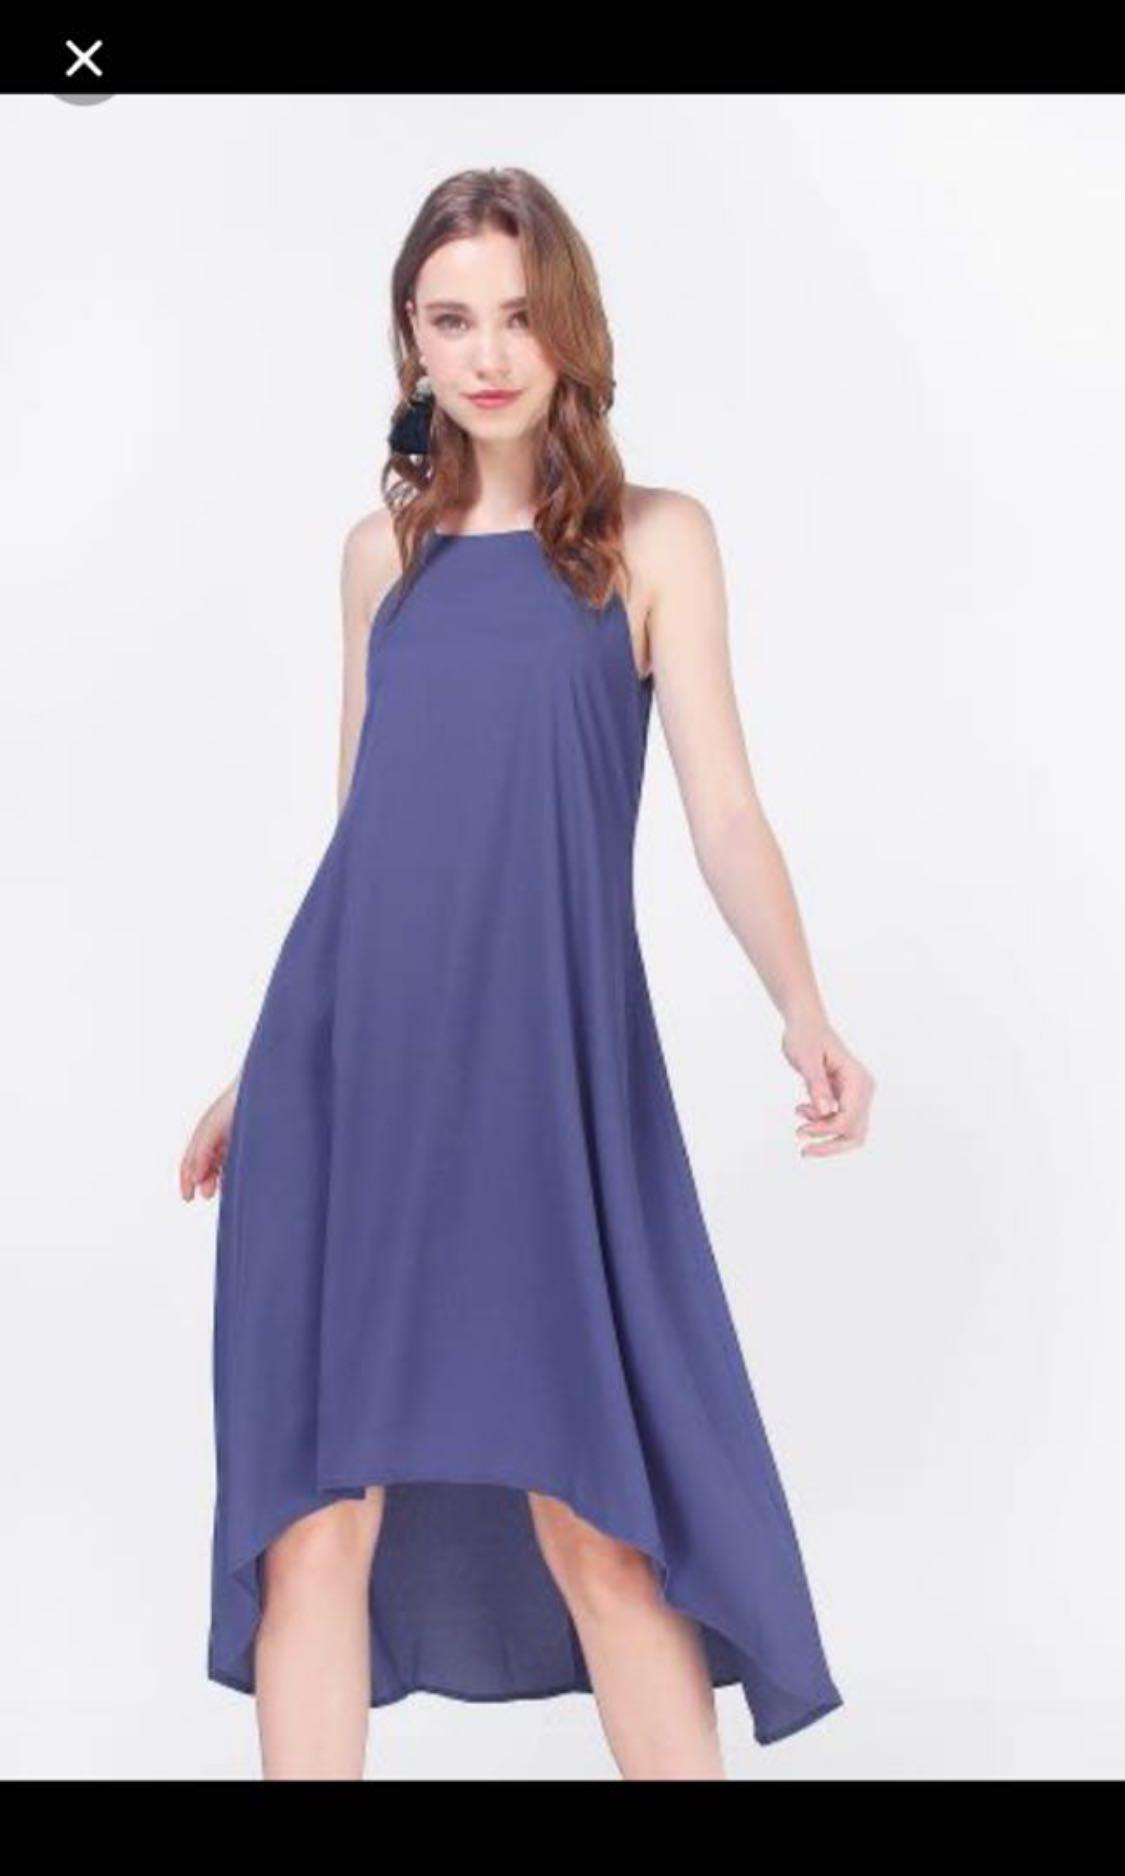 ecbaf059377 Fayth Bondi Maxi Dress